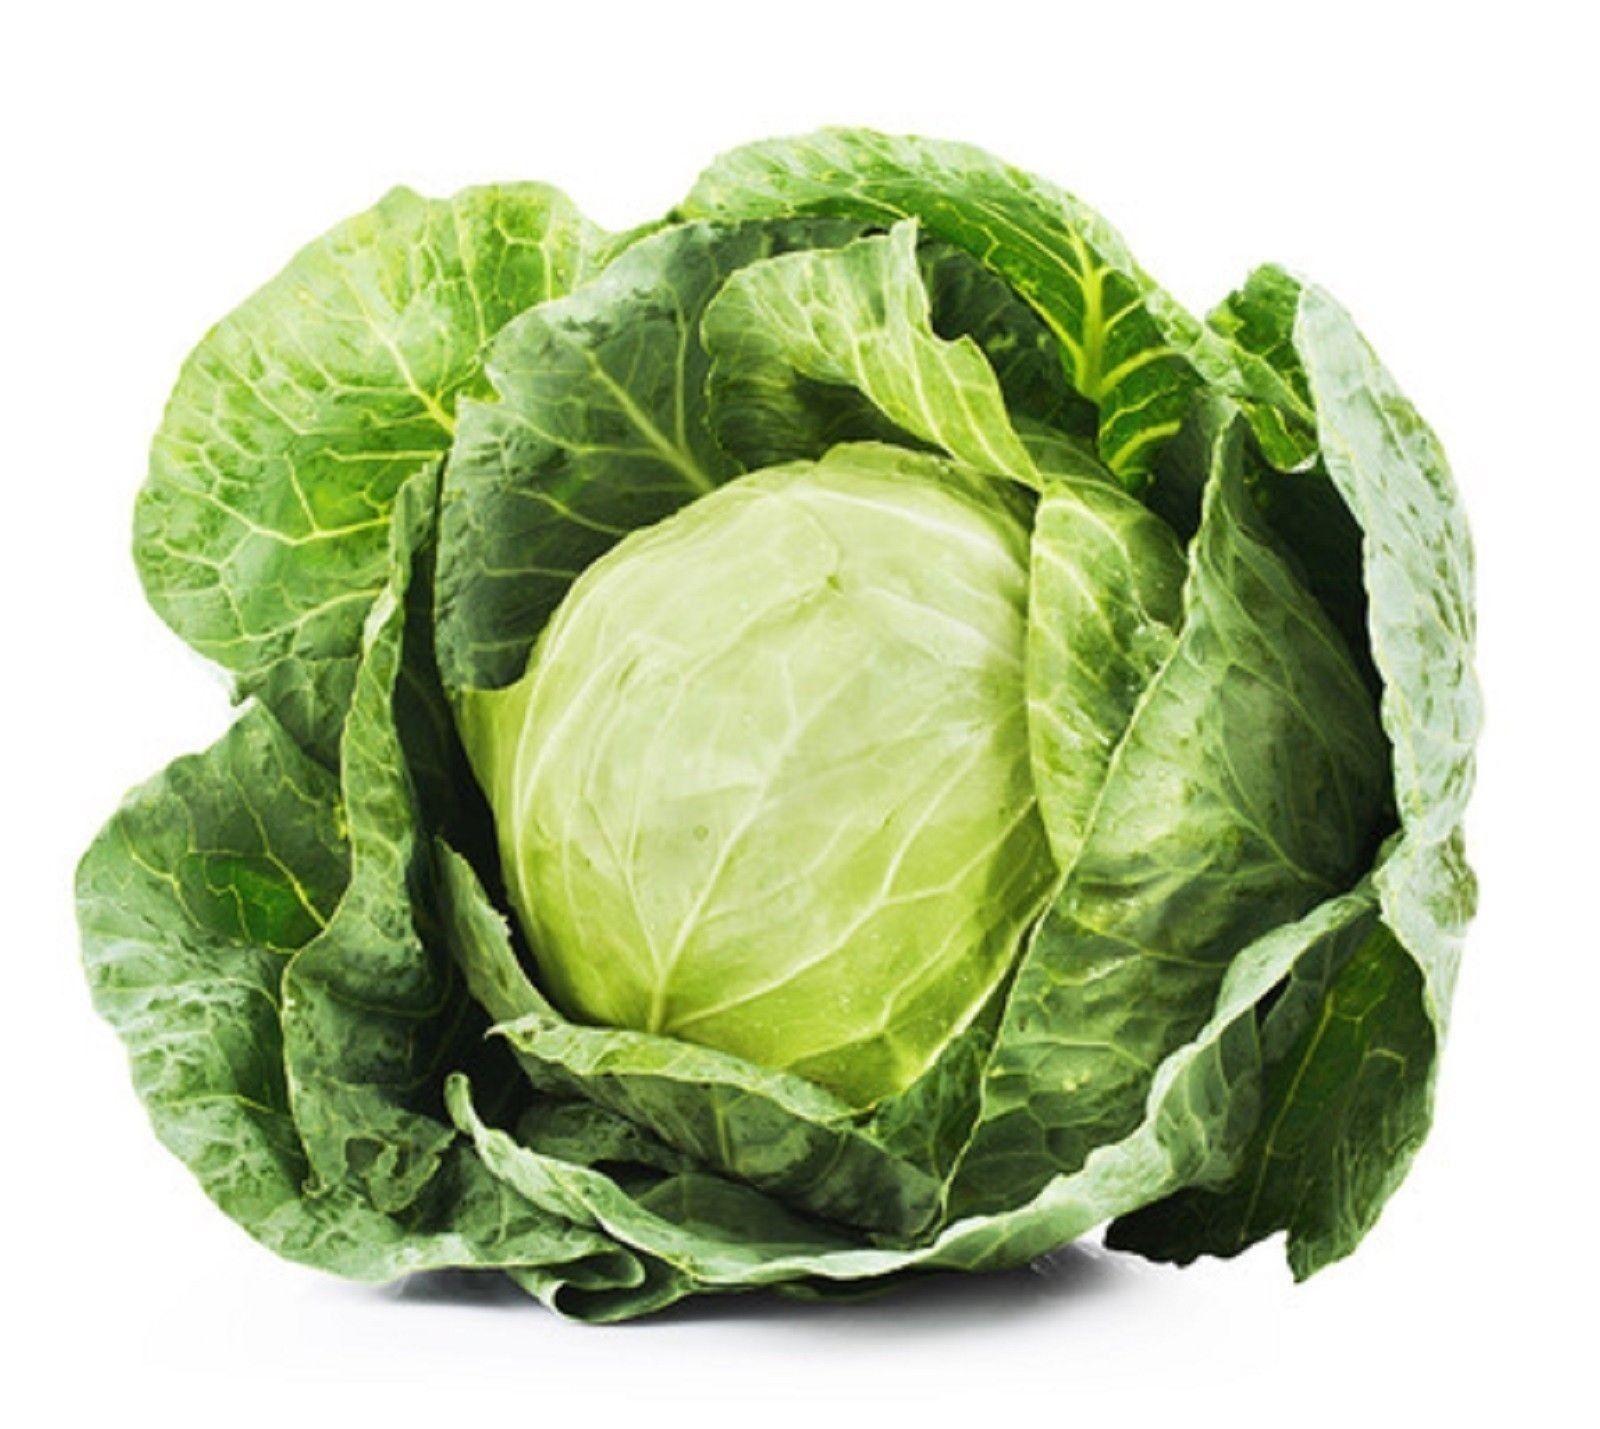 Cabbage Golden Acre Non GMO Heirloom Garden Vegetable Seeds Sow No GMO® USA - $1.97 - $2.96